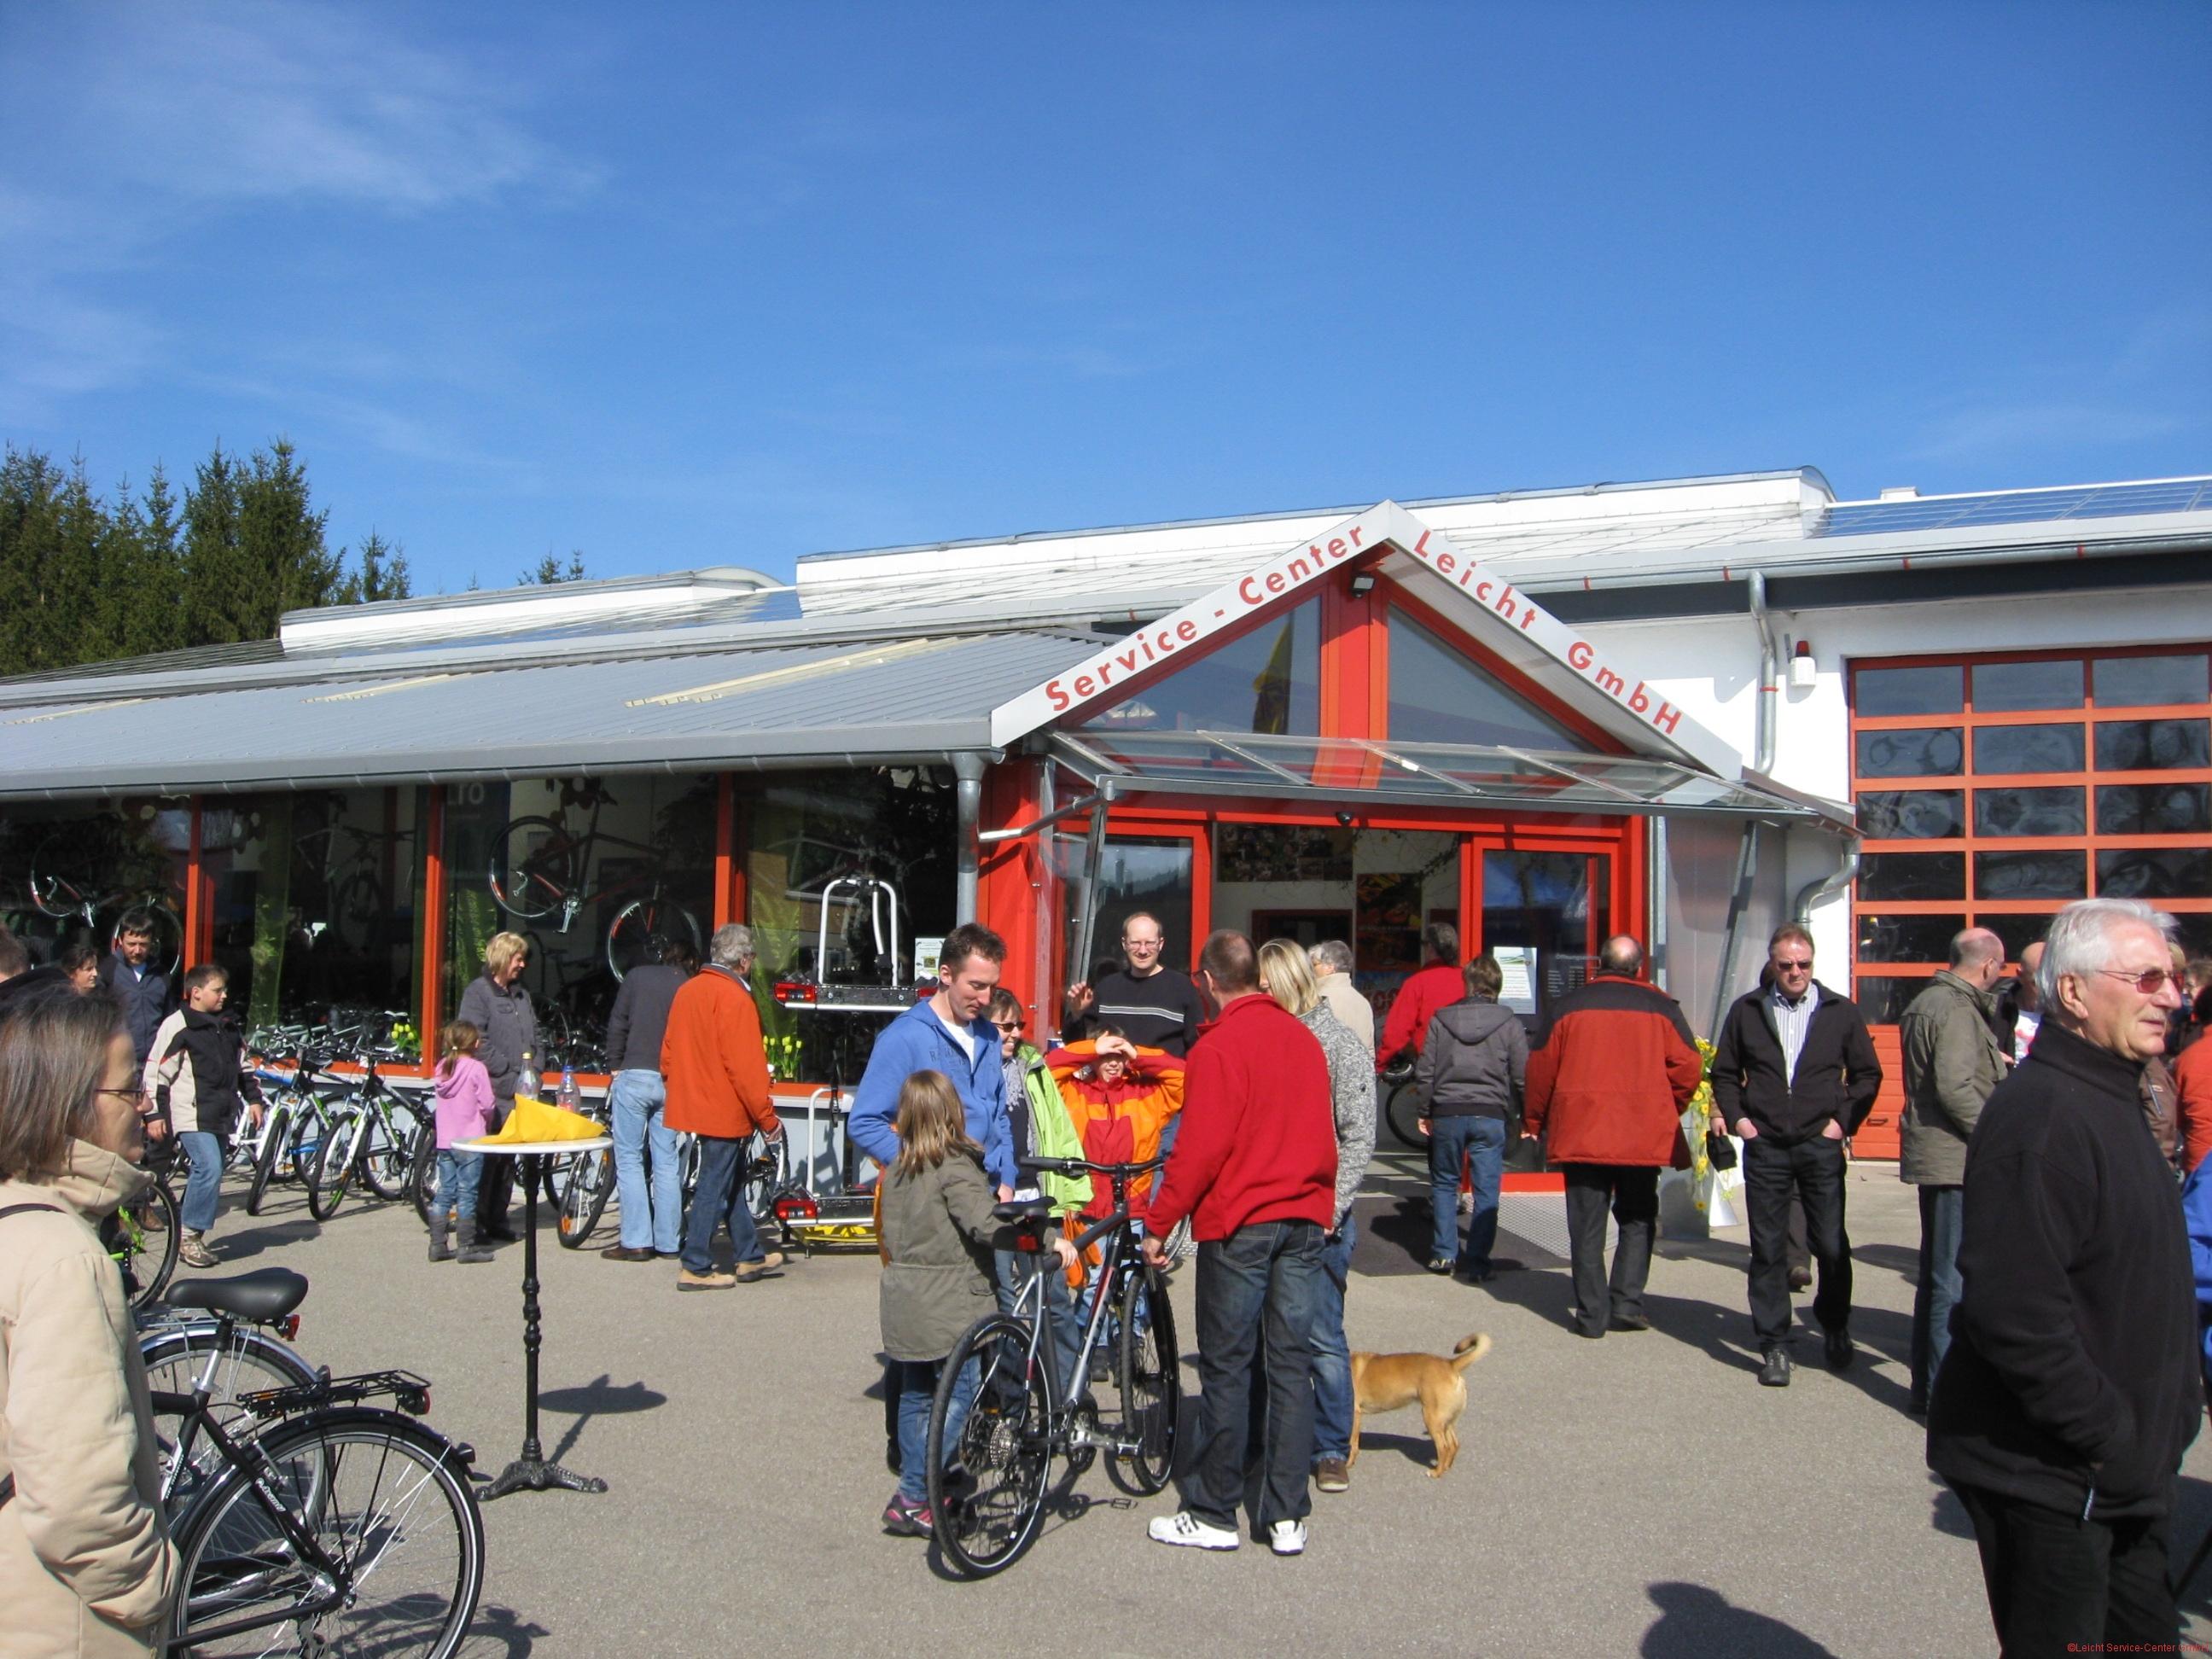 Fahrrad-Sonderschau 2011-03-20 15-26-01